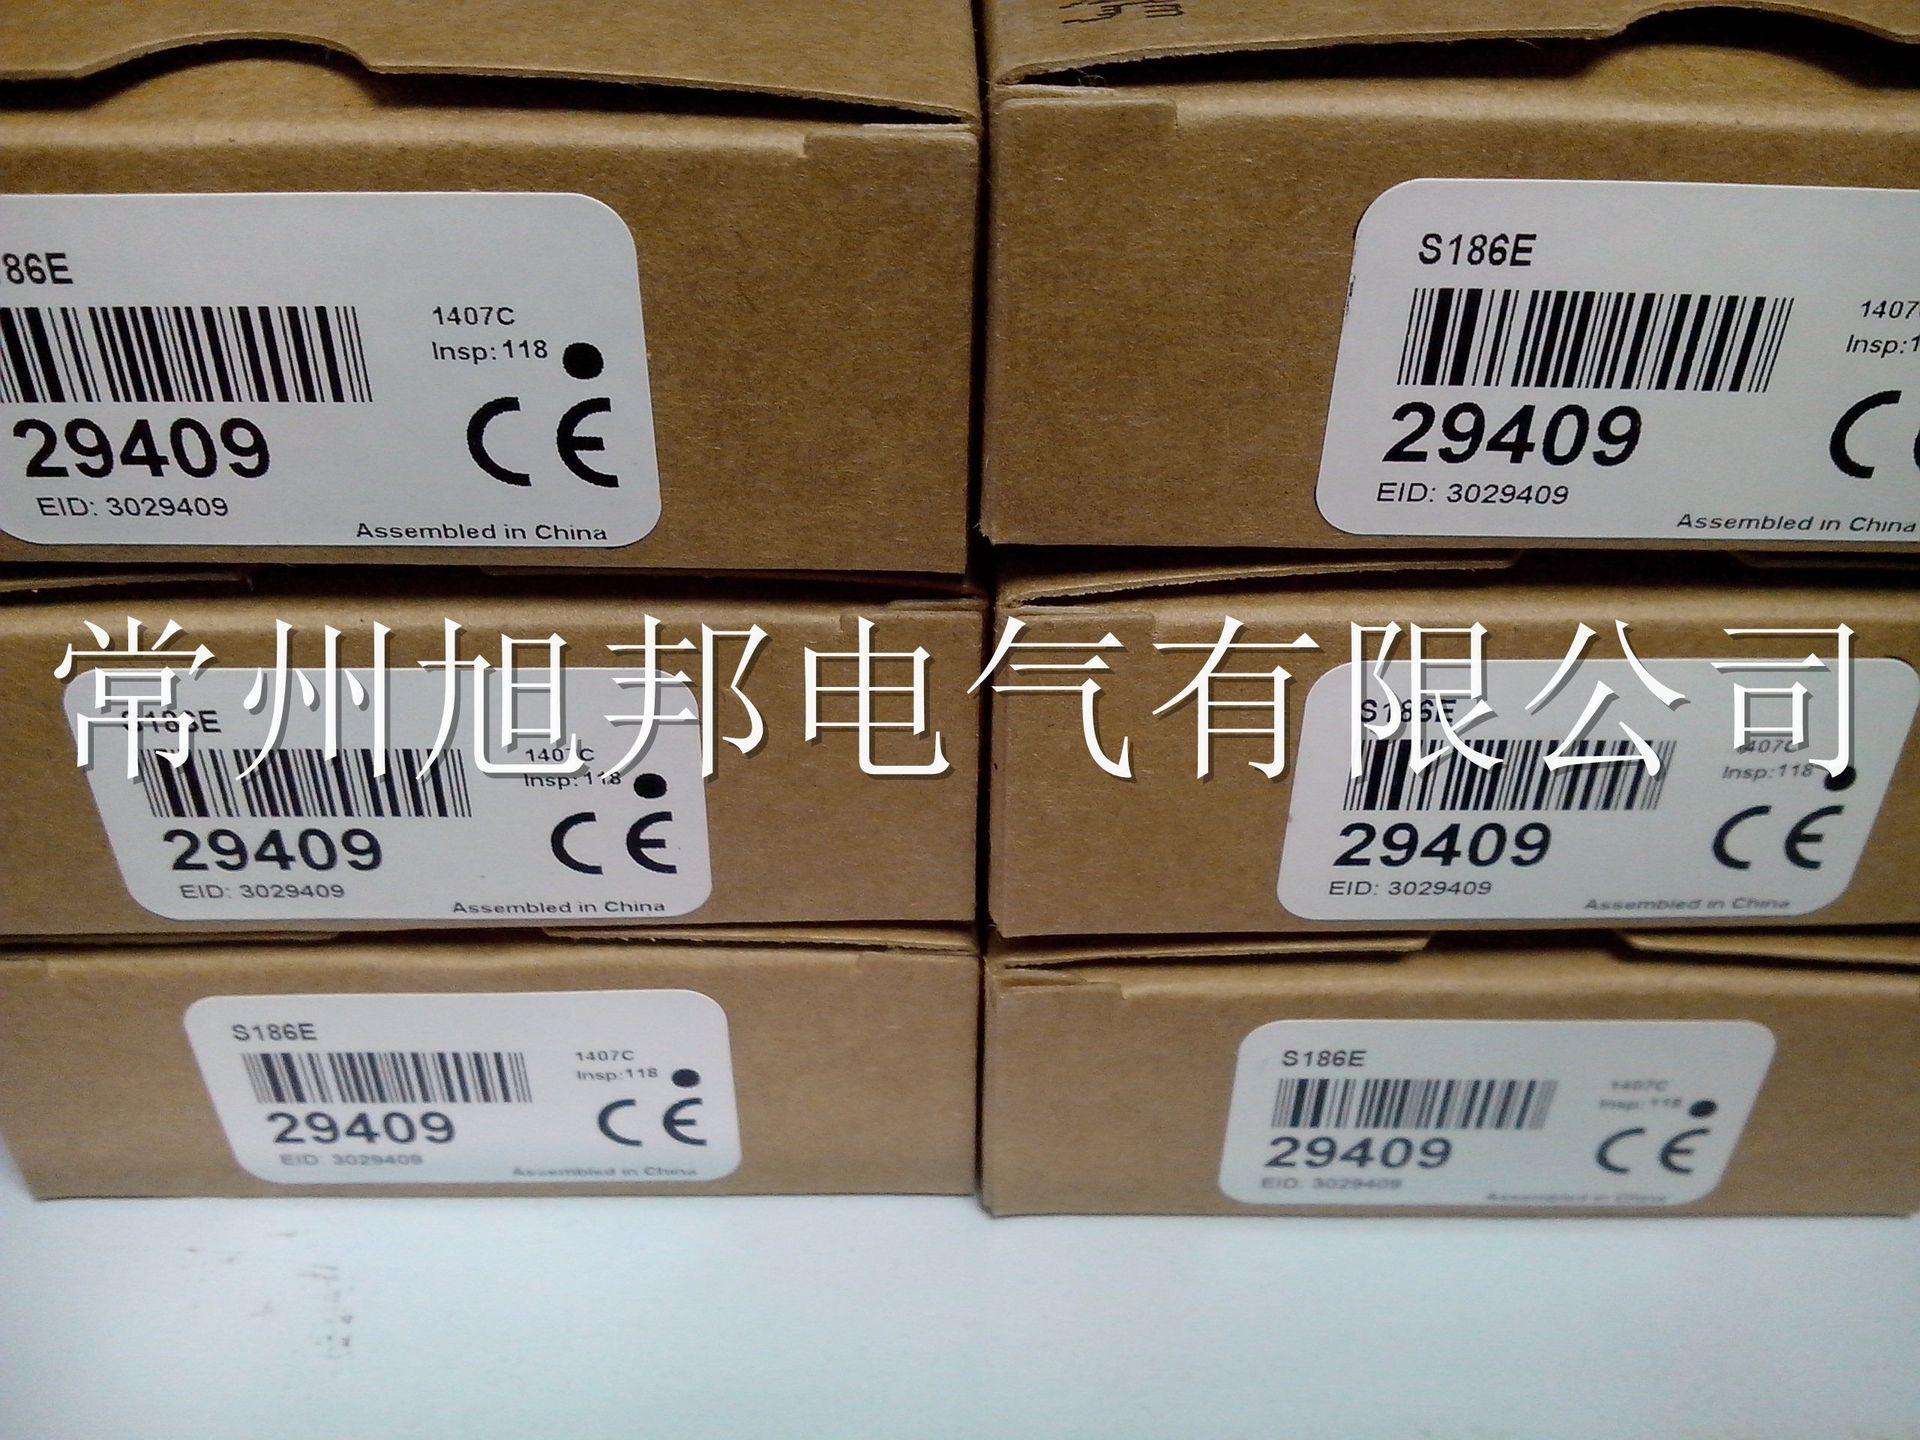 全新原装BANNER紧凑型光电传感器S186E丨江苏常州邦纳代理丨现货图片